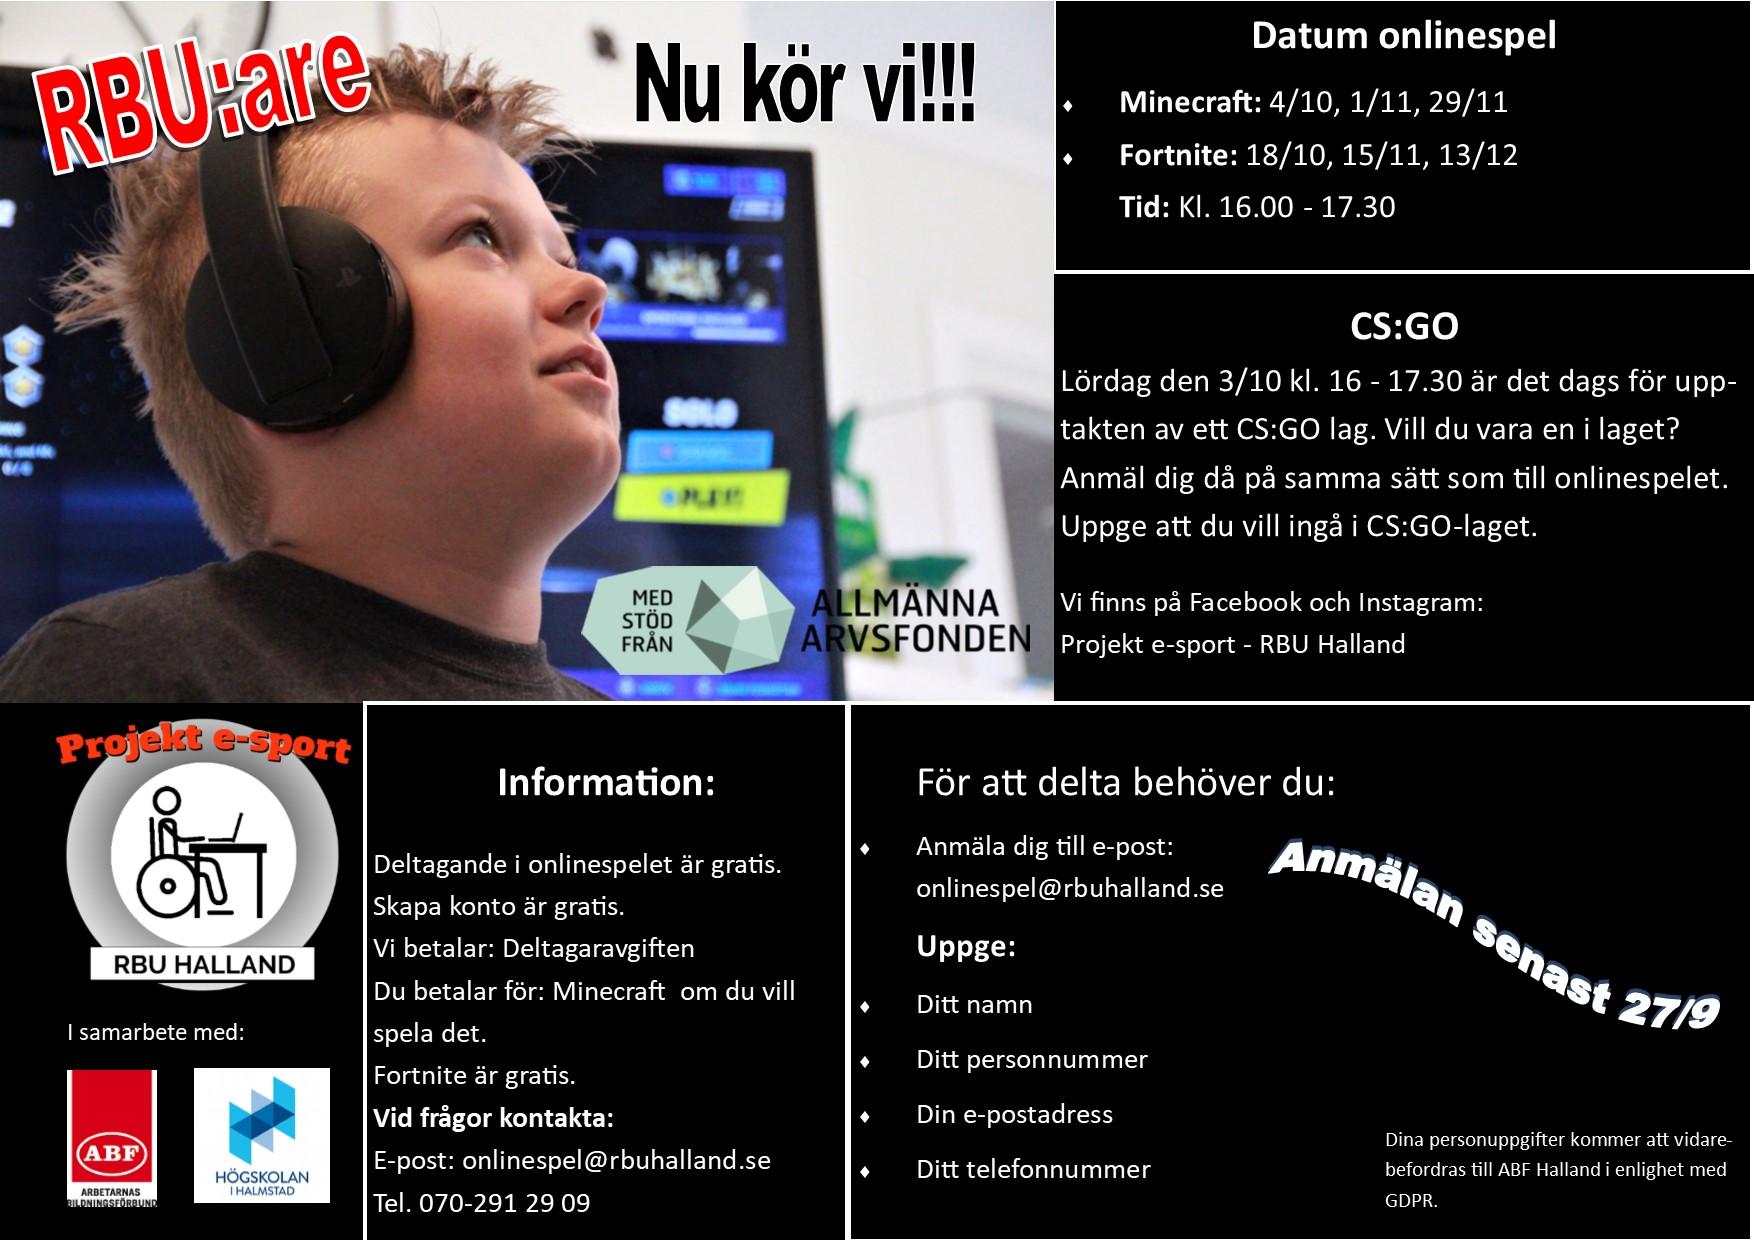 Inbjudan onlinespel hösten 2020